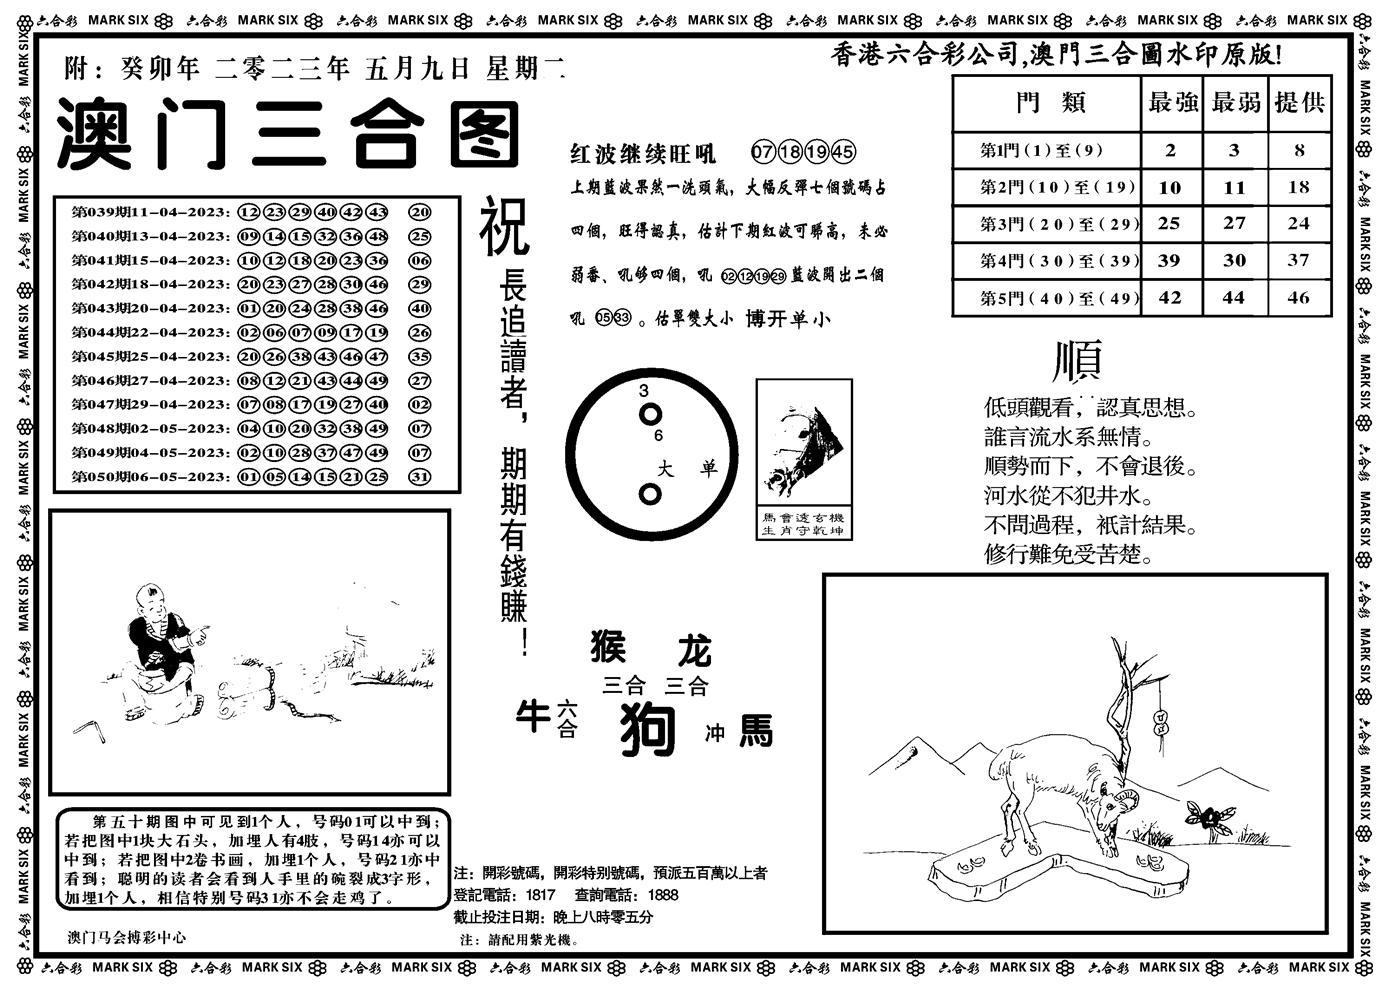 051期澳门三合(正版)(黑白)